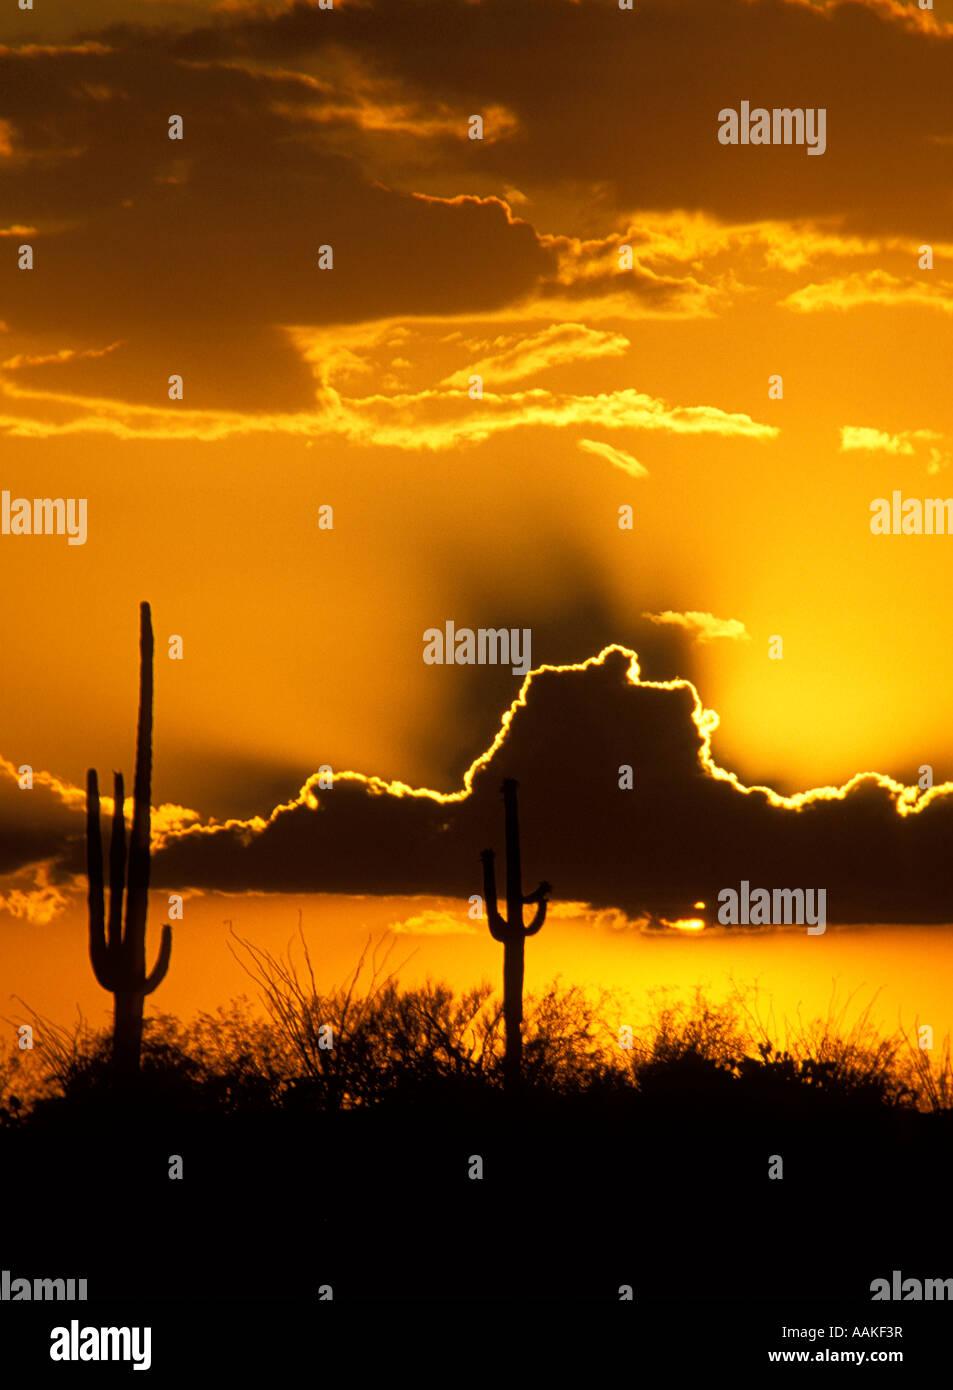 Tramonto spettacolare nel parco nazionale del Saguaro East side Tucson in Arizona Immagini Stock